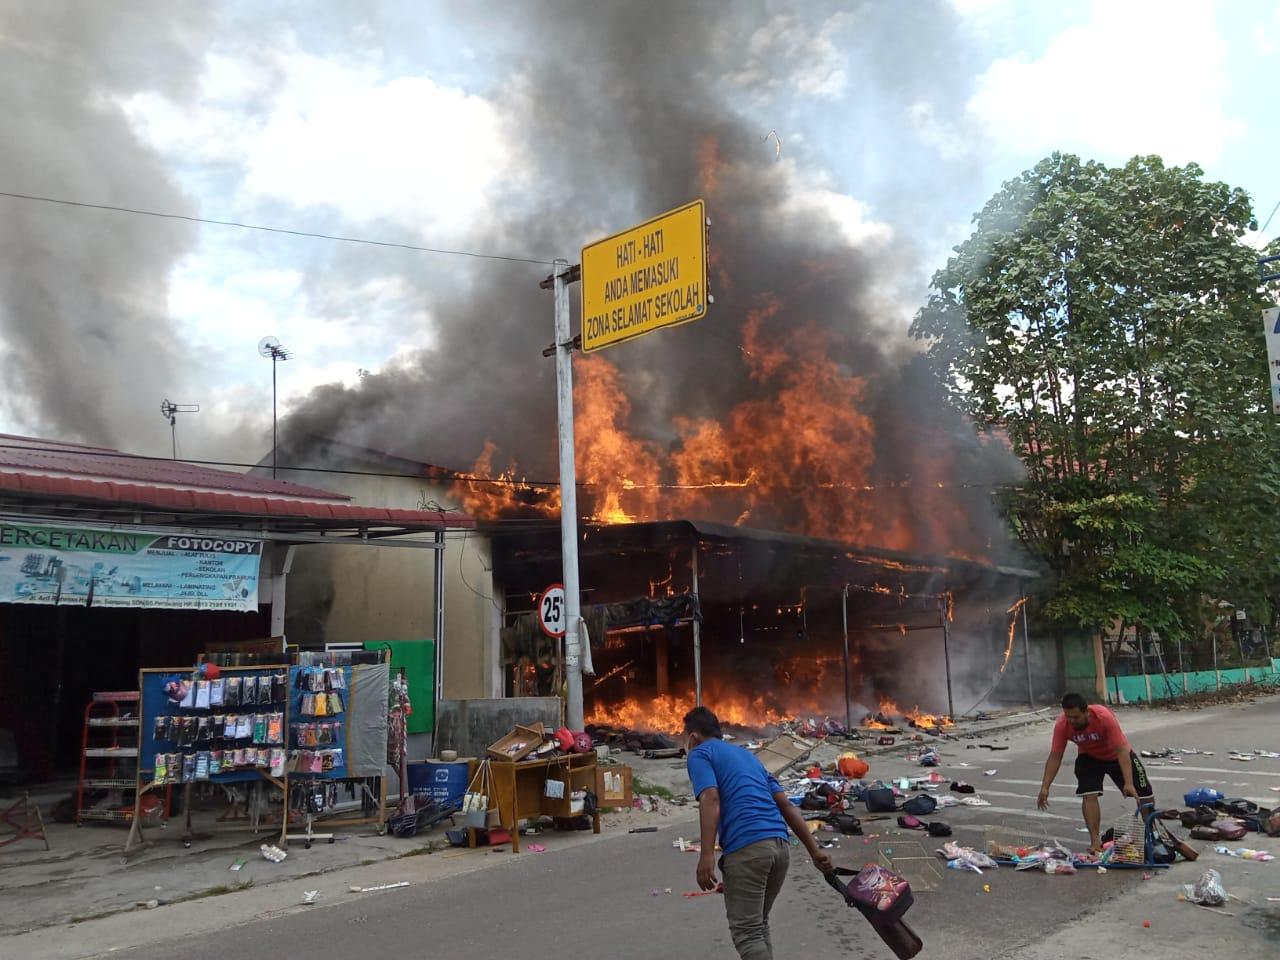 Kebakaran Hebat, Tujuh Rumah Hangus Dilalap Si Jago Merah